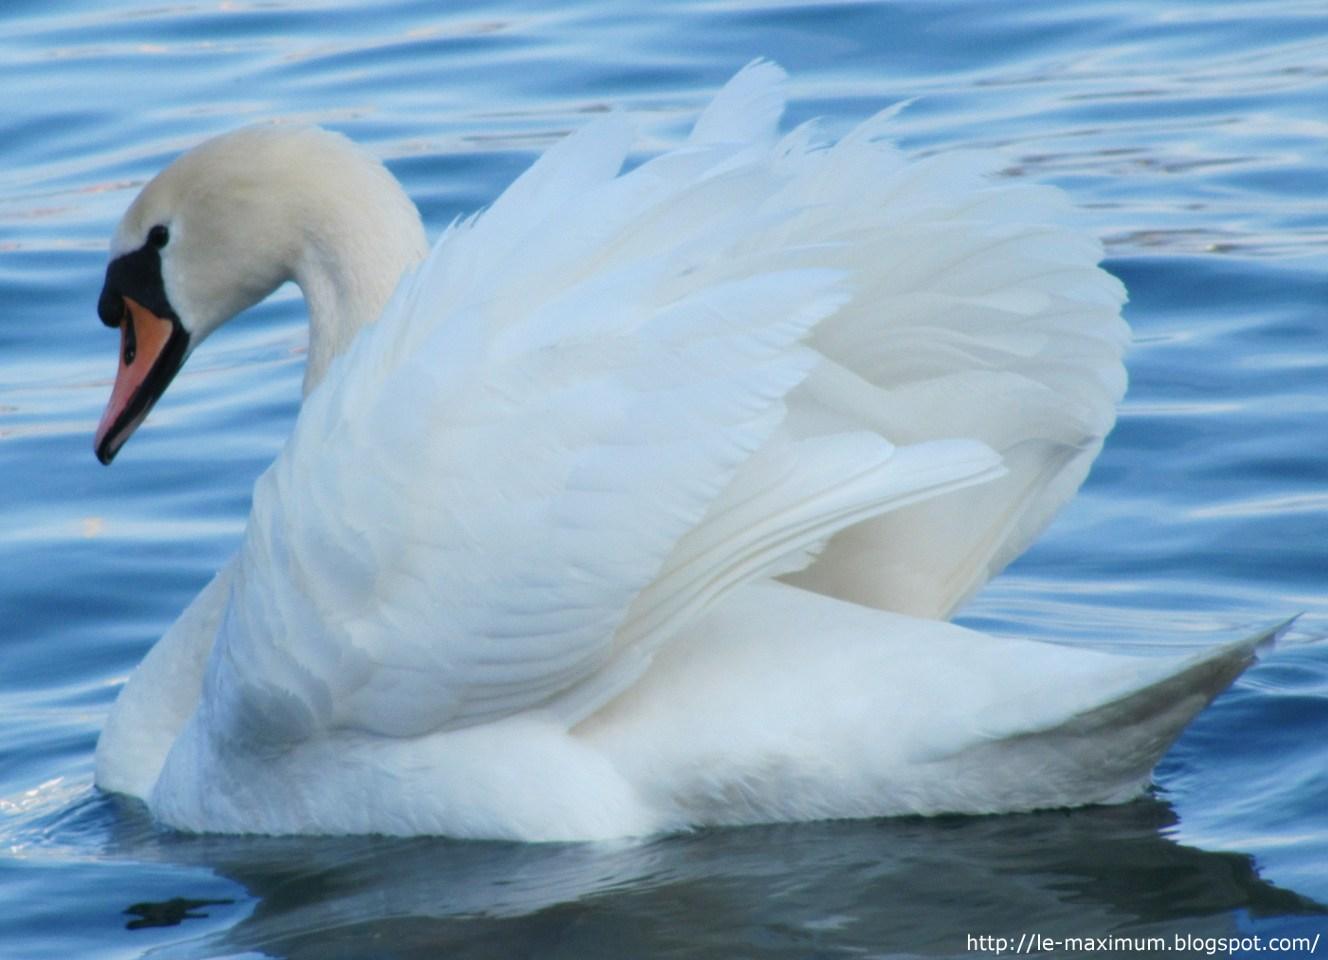 http://1.bp.blogspot.com/__HRIKfiRmp4/S6vBI39kBOI/AAAAAAAAAaw/__6B8QNbHRg/s1600/La+plus+belle+photo+de+cygne.jpg